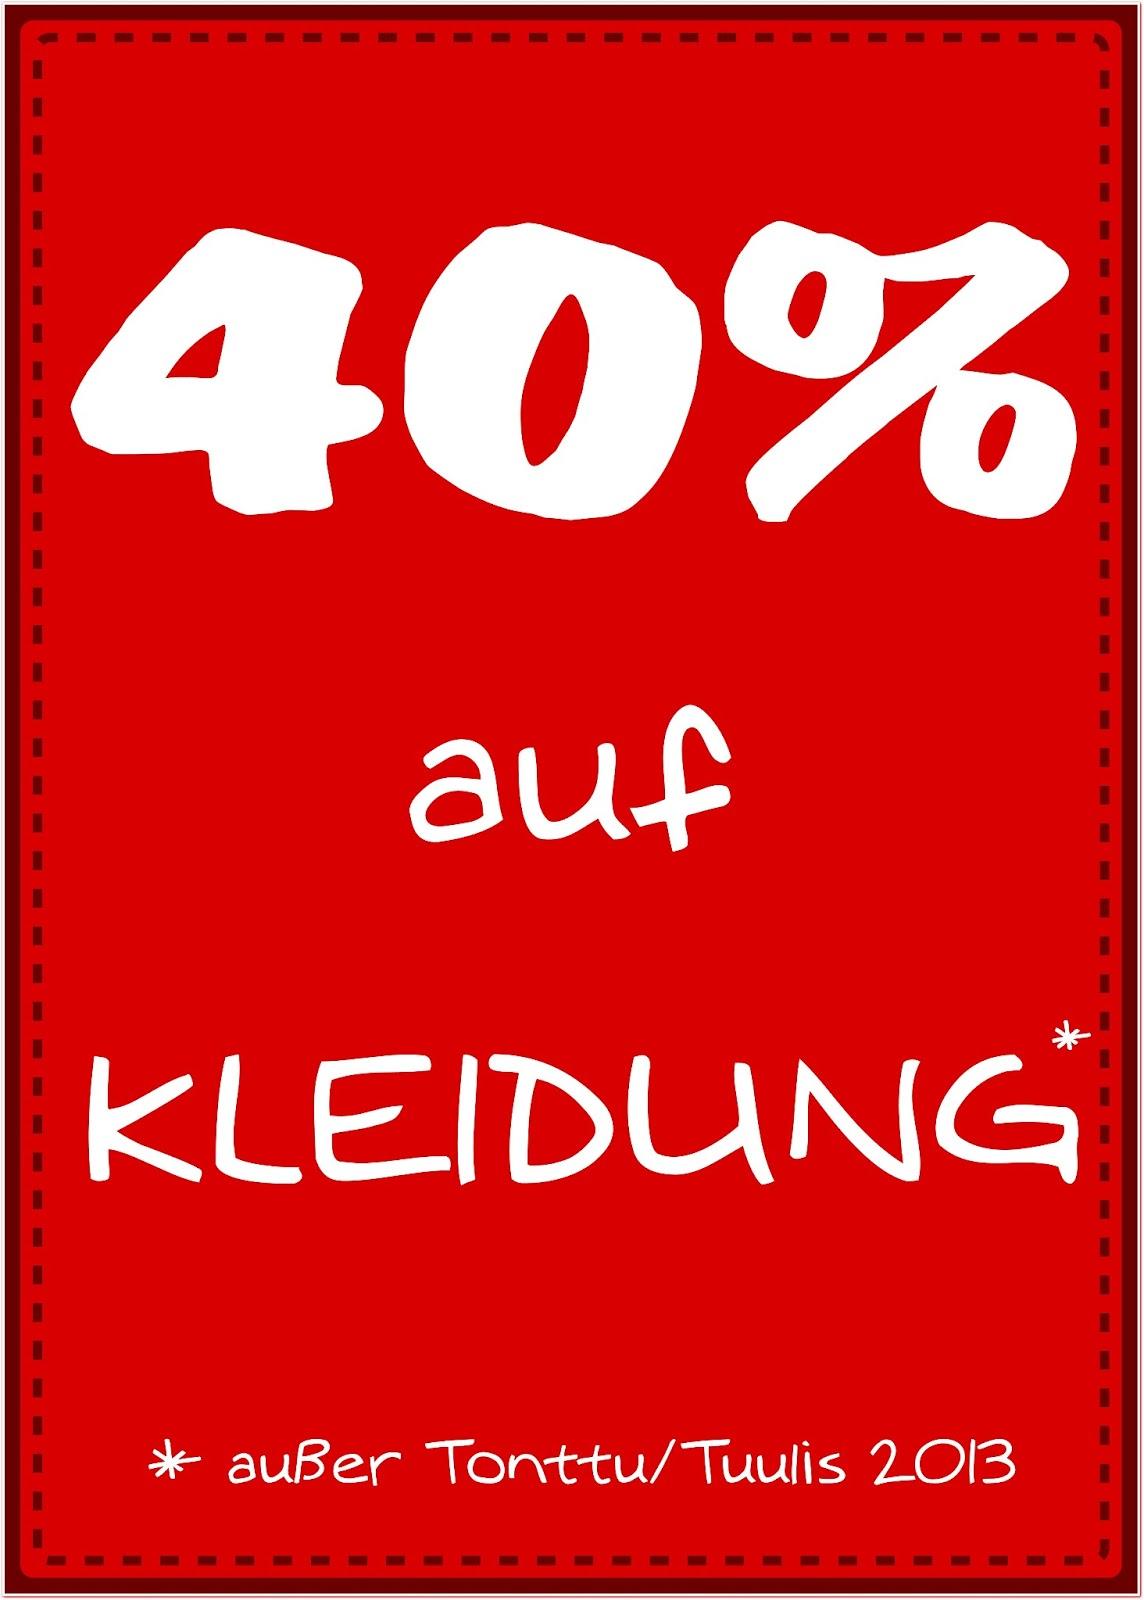 Jetzt wirds verrückt - wir reduzieren bis 40%!